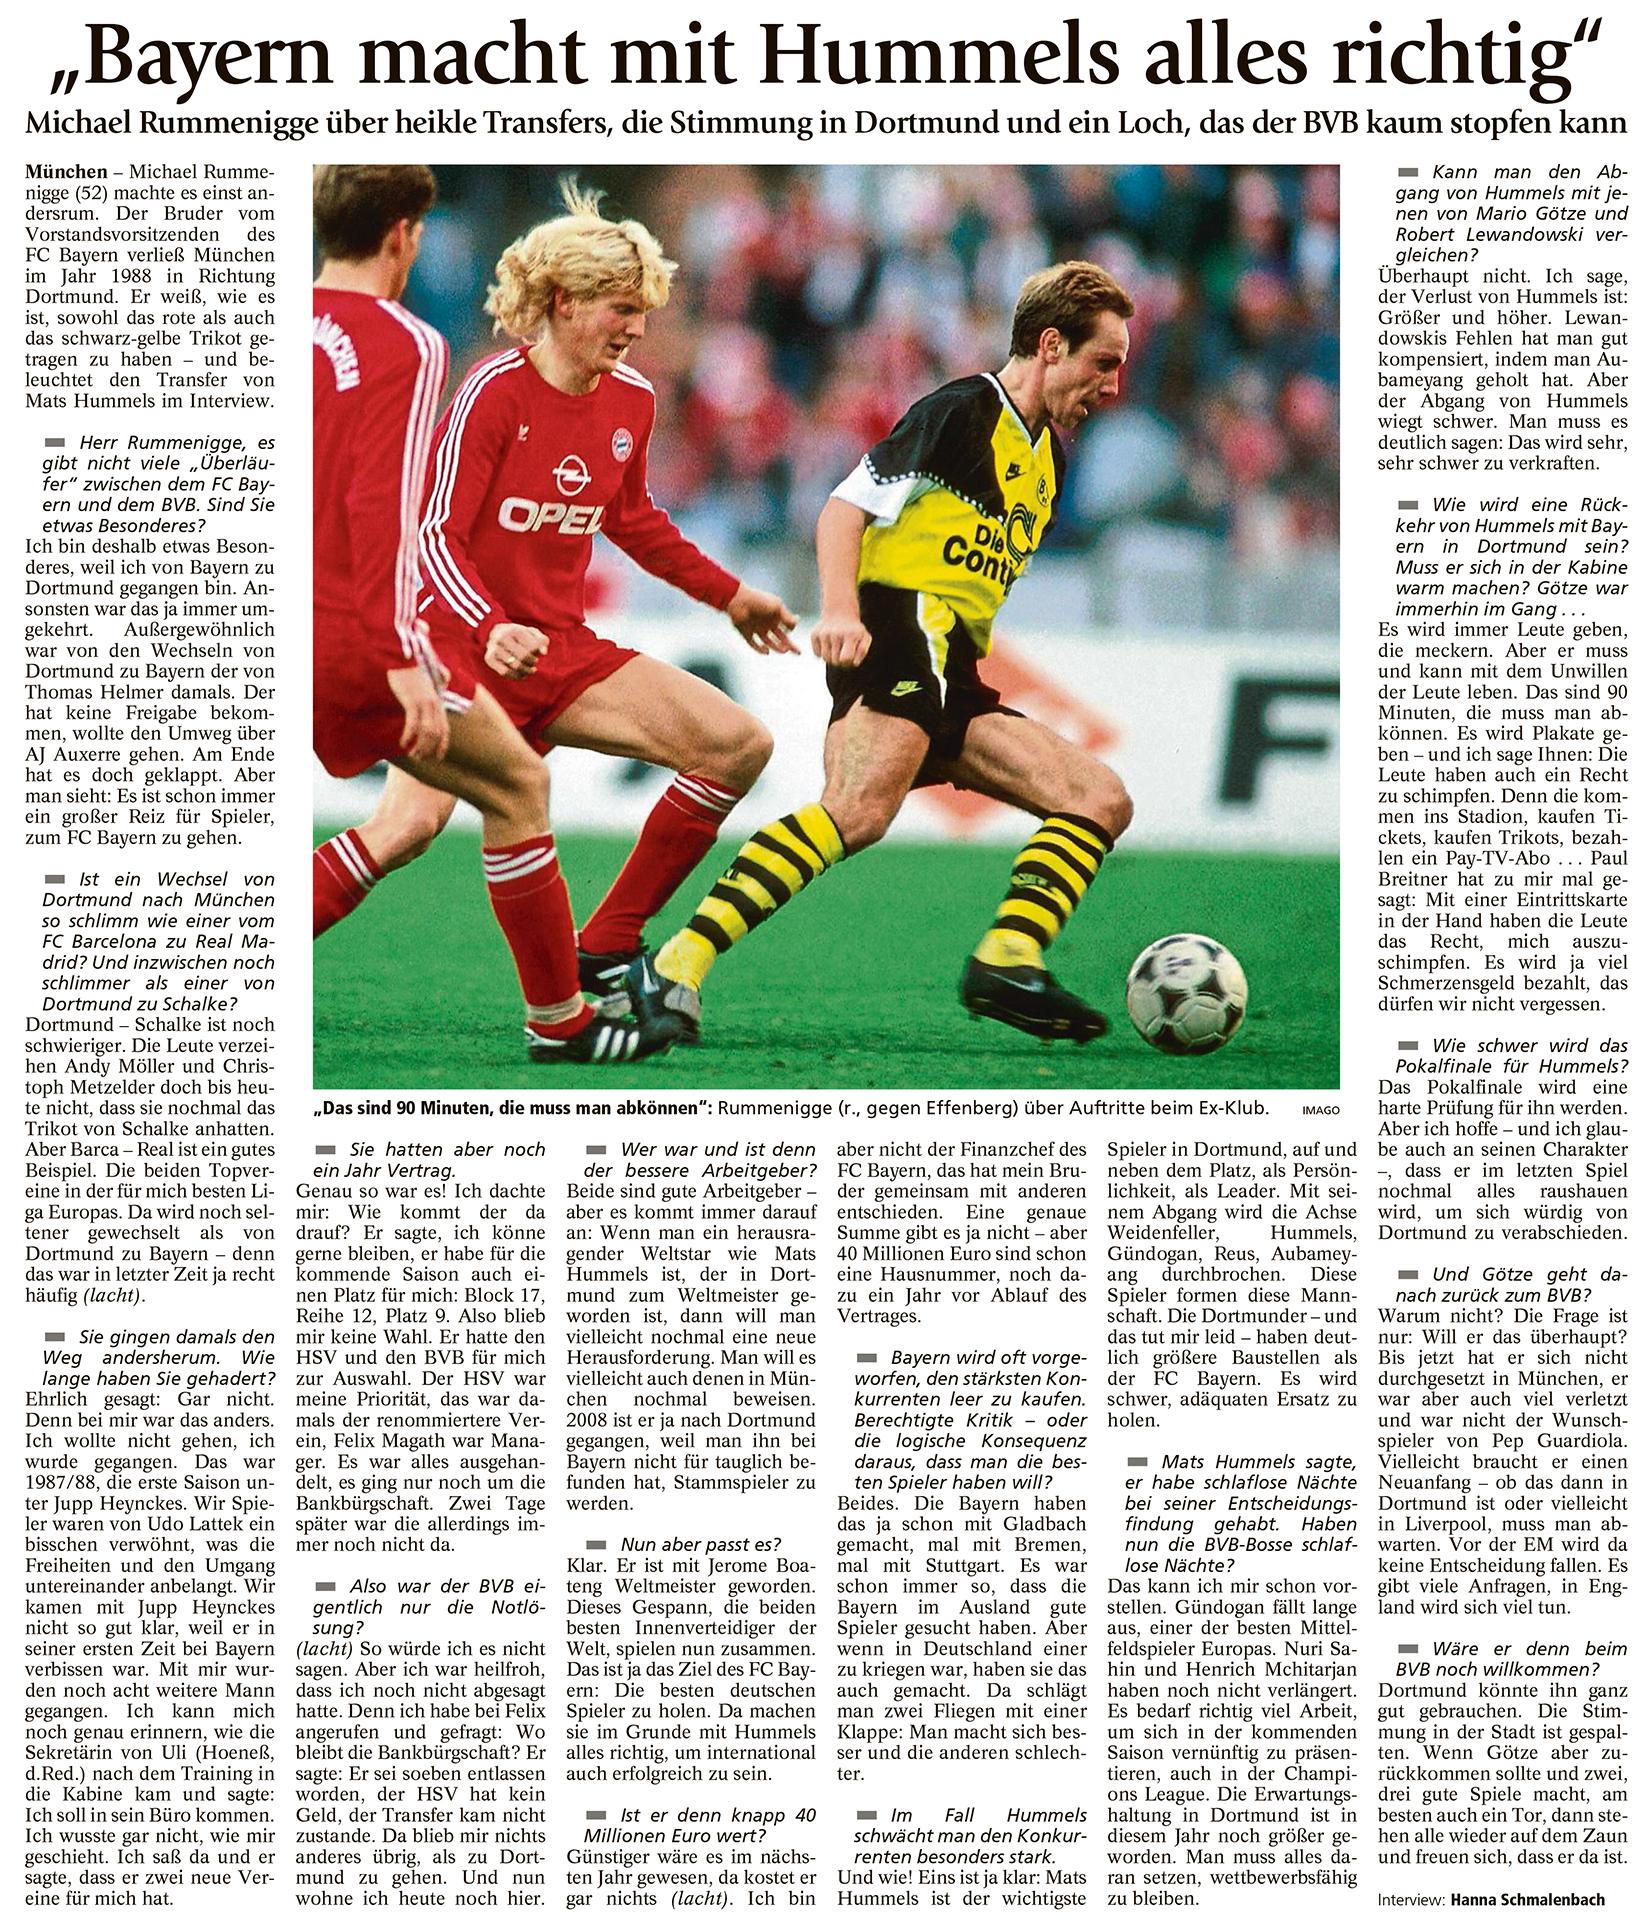 Bayern macht mit Hummels alles richtig